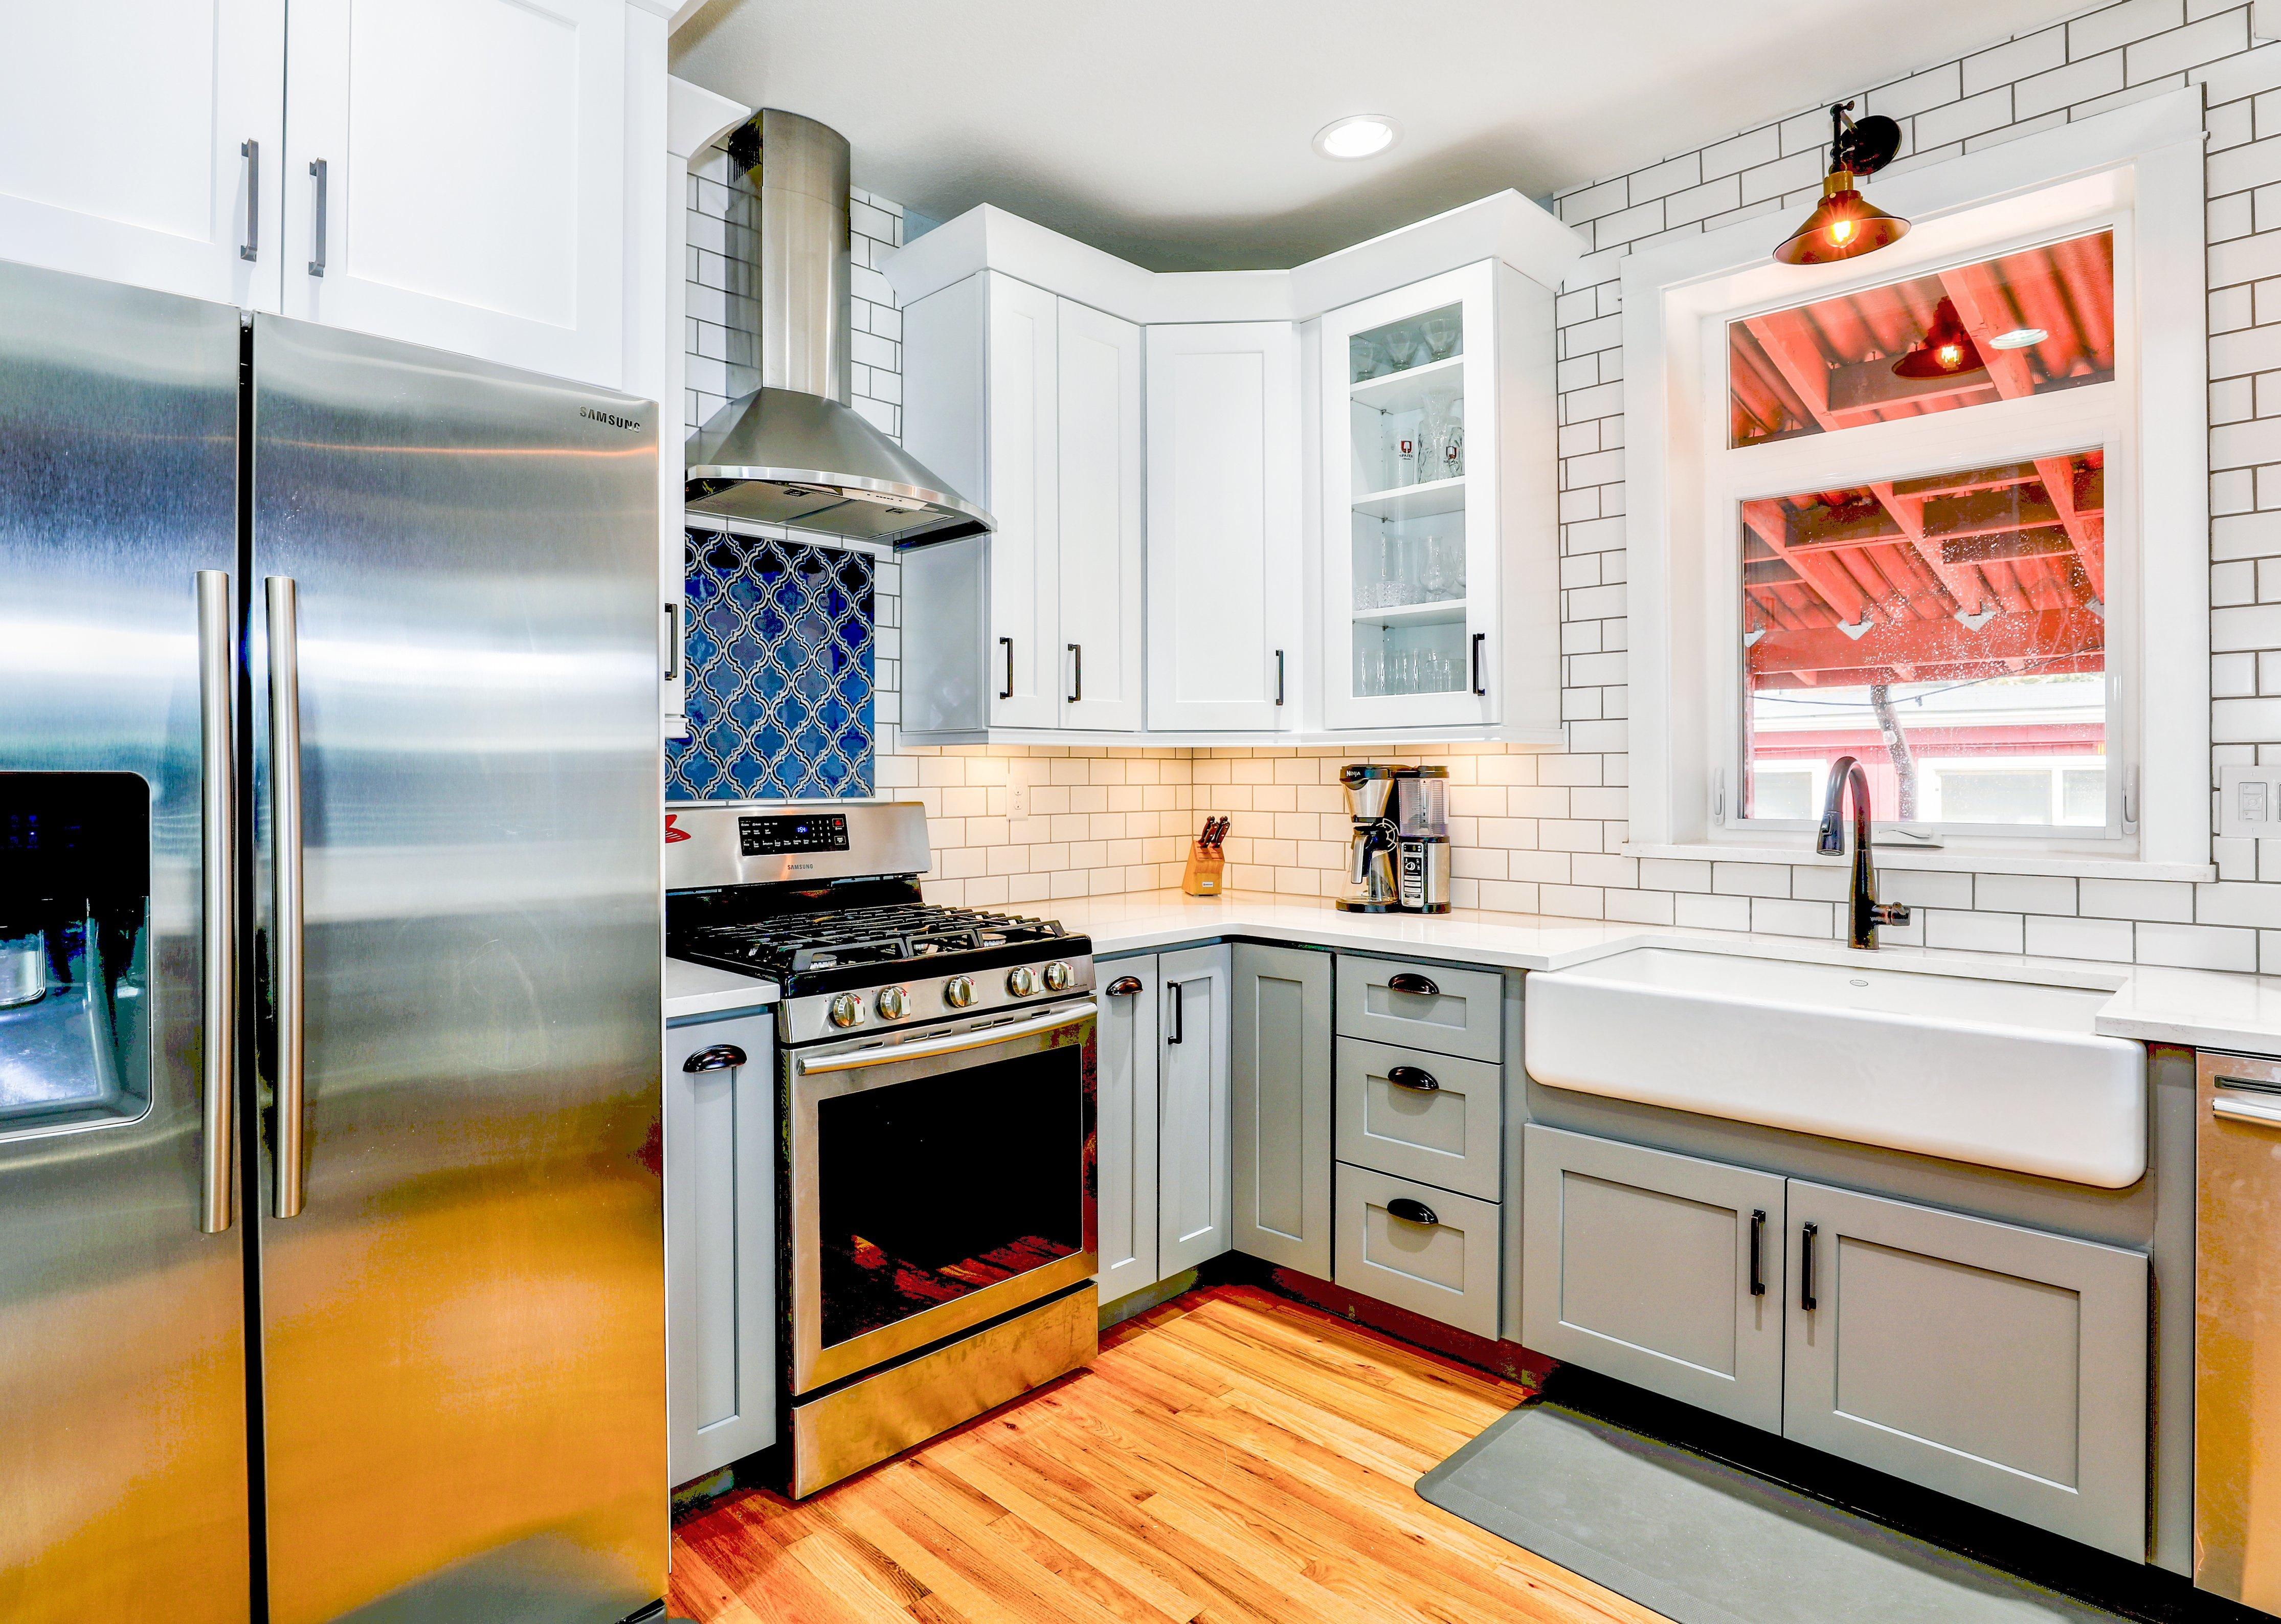 farmhouse kitchen sink 2.jpg